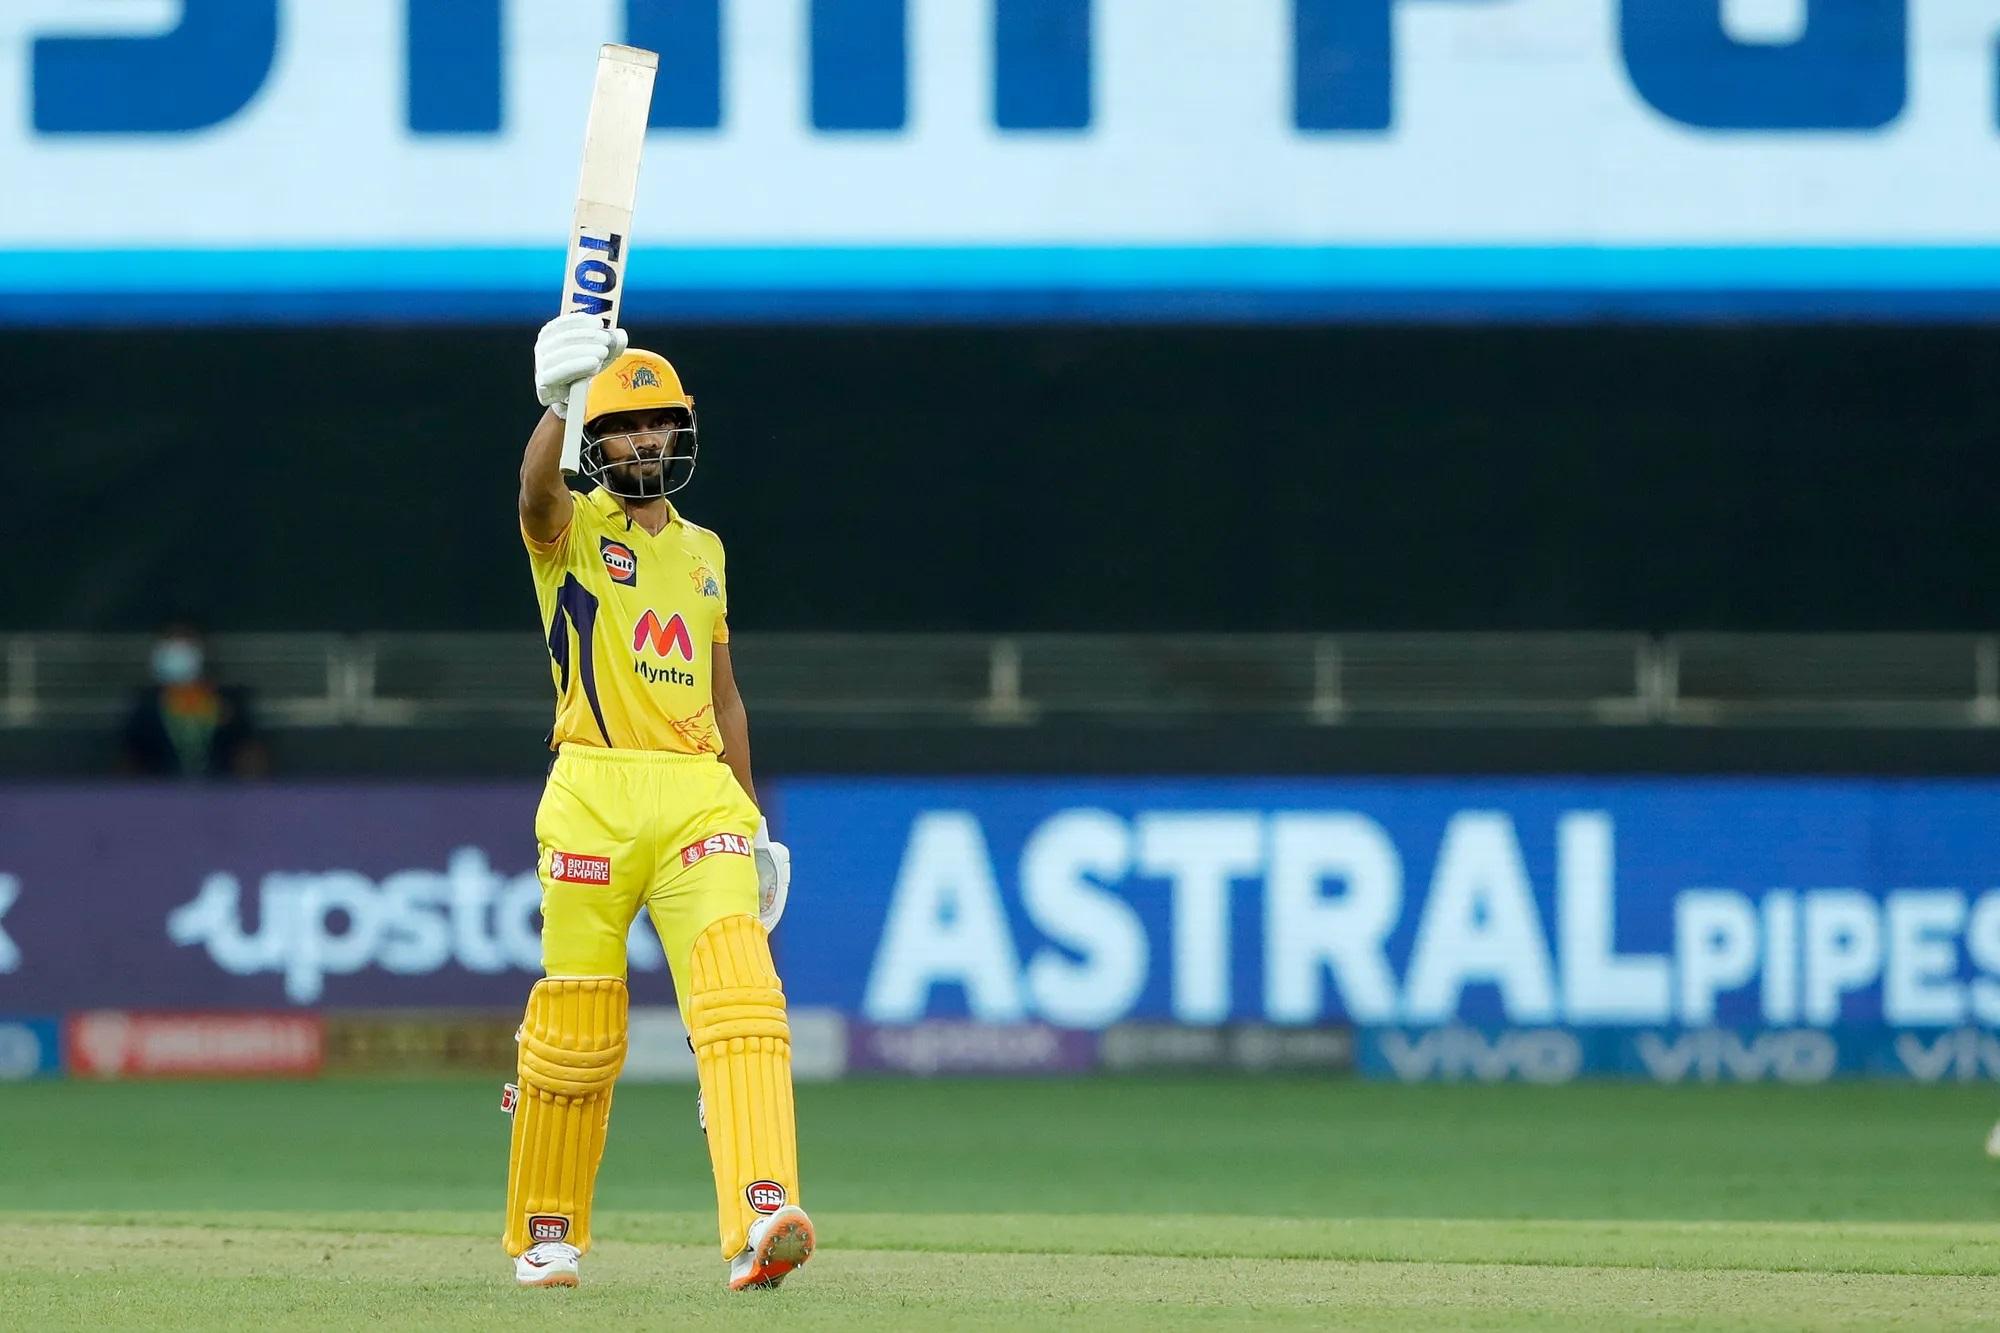 ऋतुराज गायकवाड ने ही पारी की आखिरी गेंद का भी सामना किया। दूसरे छोर पर 6 विकेट गिर गए, लेकिन ऋतुराज जमे रहे। उन्होंने 58 गेंद में 88 रन की पारी खेली। इसमें उन्होंने 9 चौके और 4 छक्के लगाए।